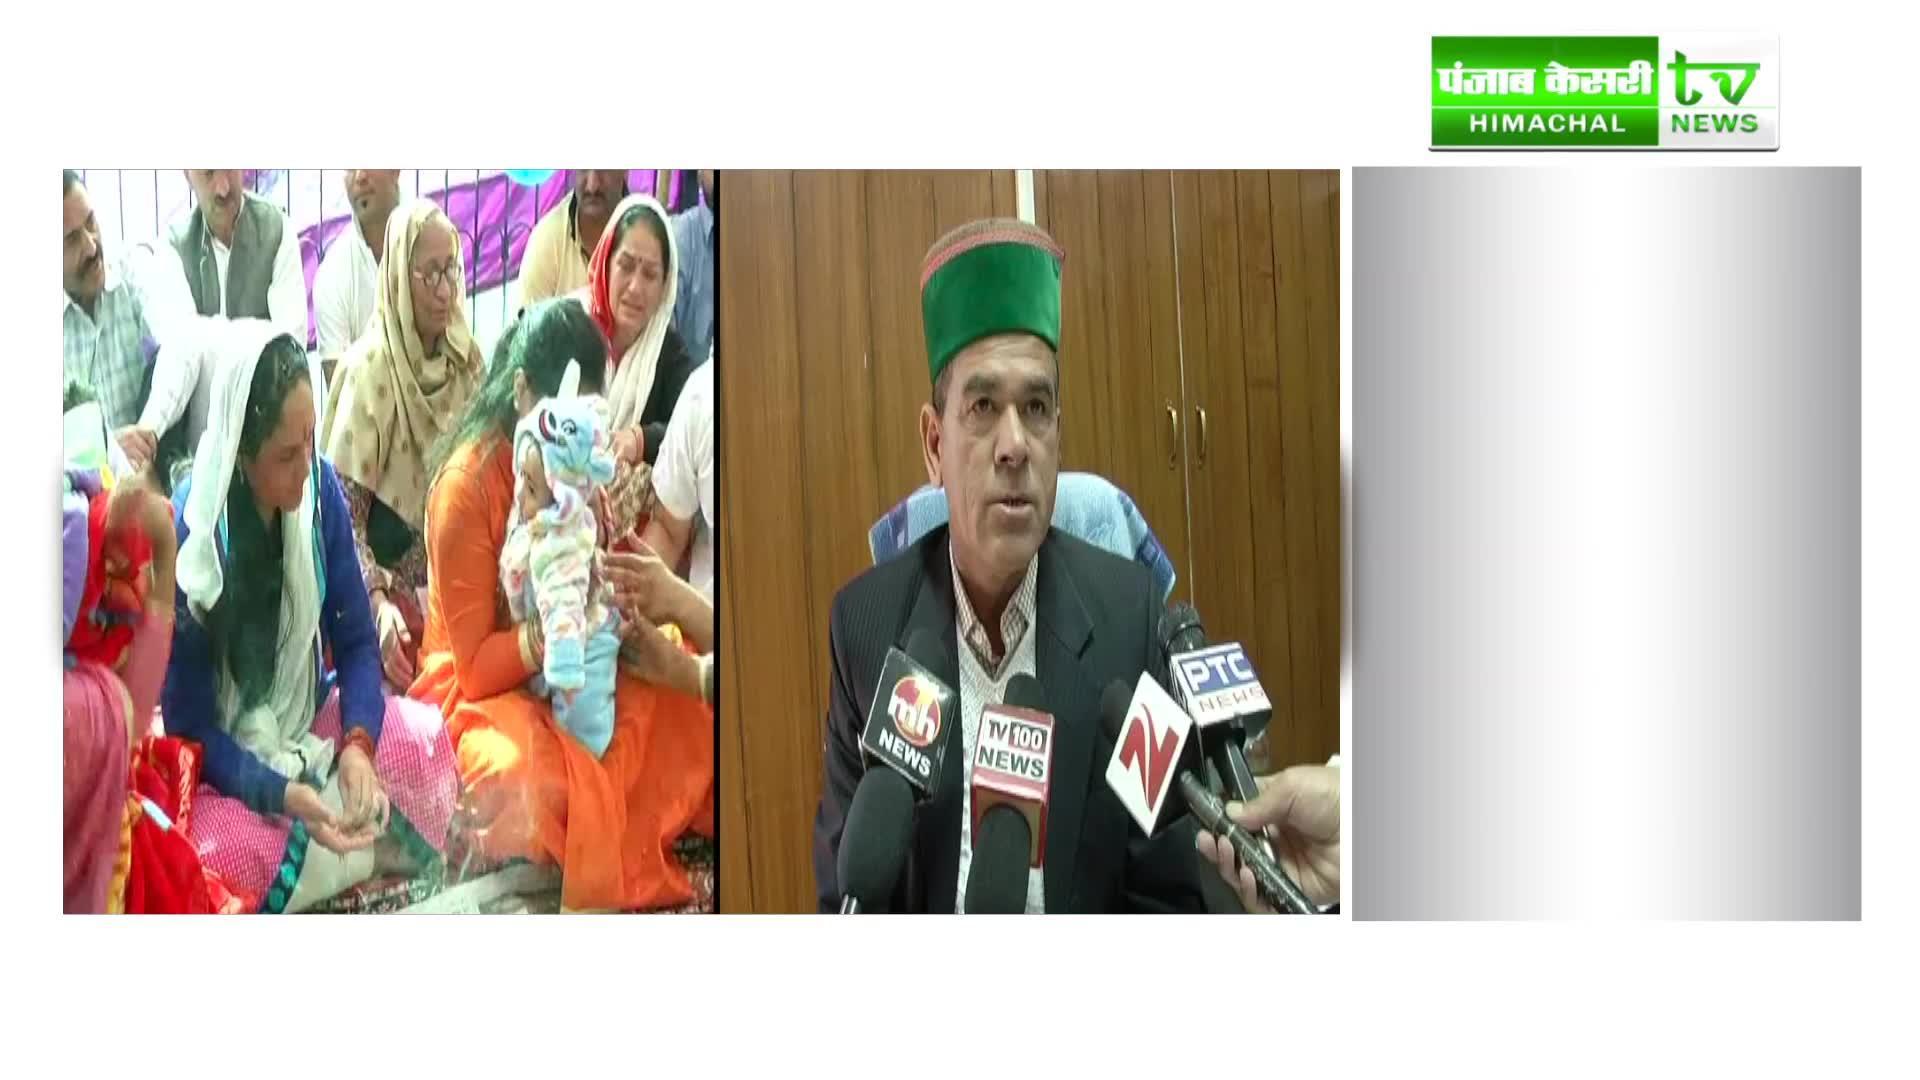 Image of शिमला बच्चा बदली केस, पुलिस ने किए दो गिरफ्तार